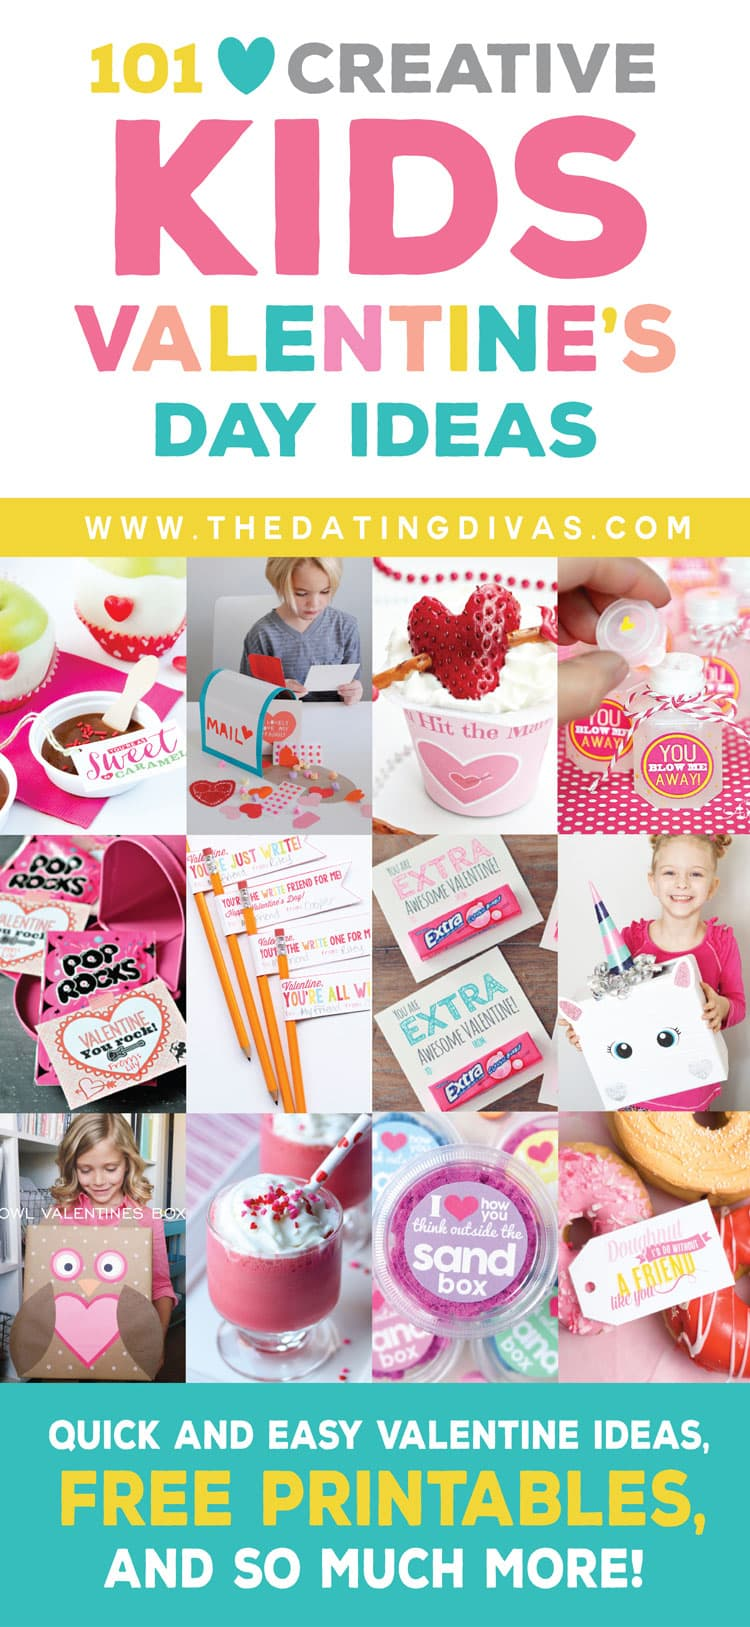 100 Creative Kids Valentine's Day Ideas